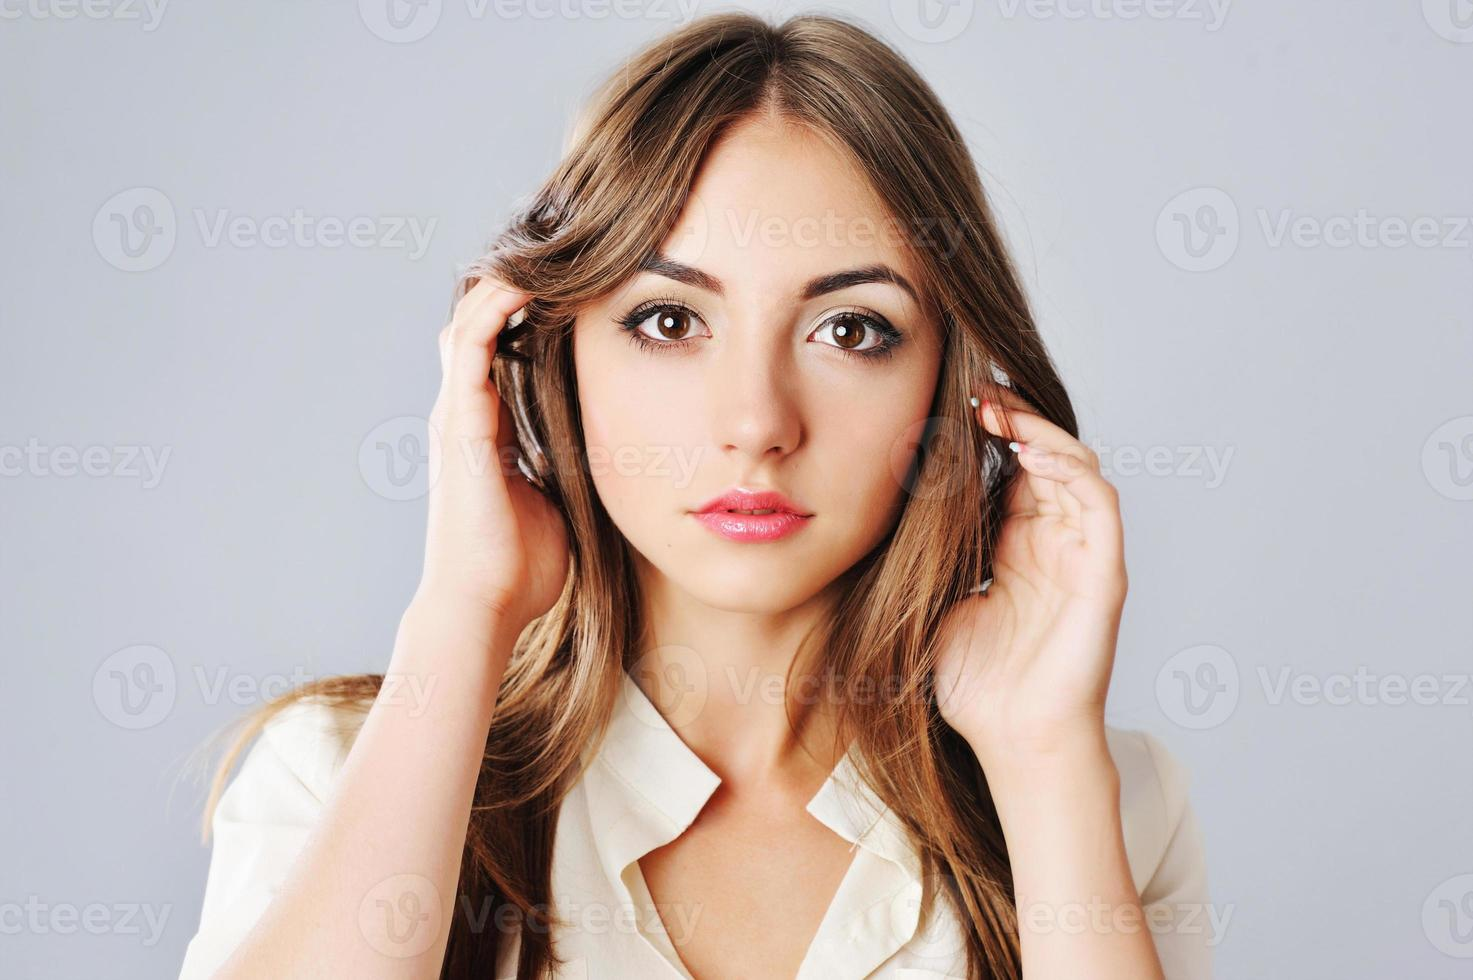 retrato de uma jovem mulher caucasiana. foto